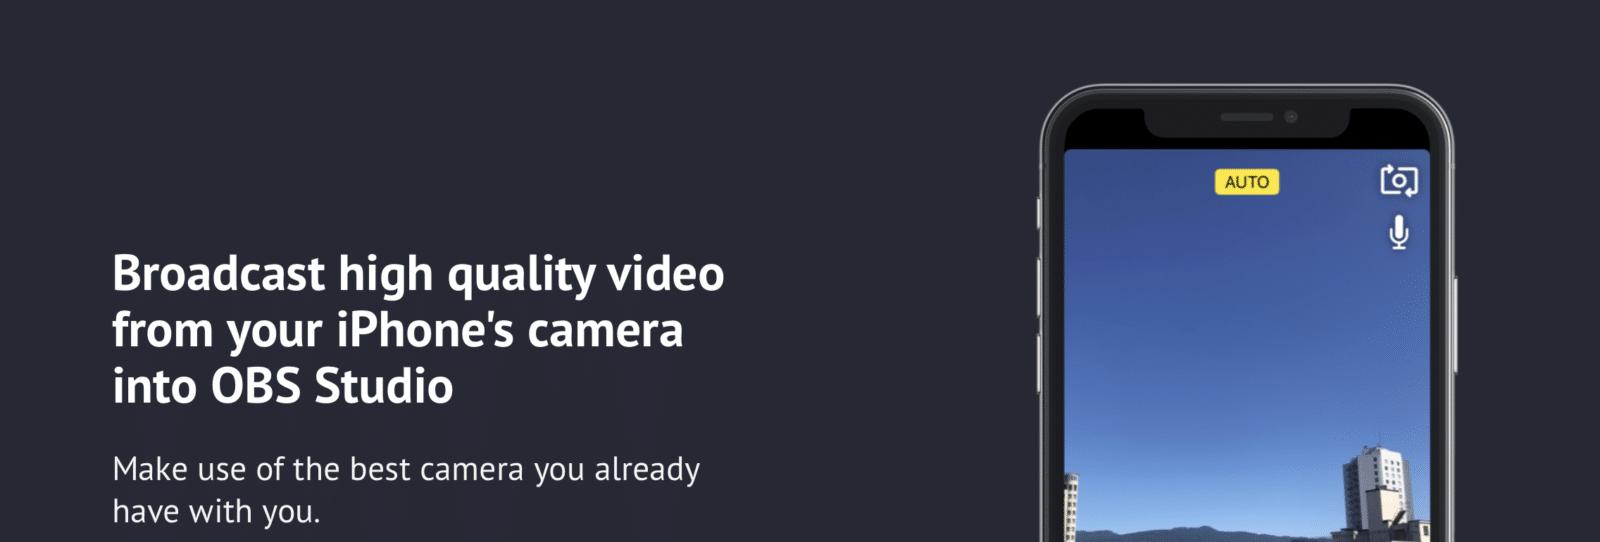 วิธีใช้ iPhone เป็นกล้อง เวลา Live ด้วย OBS ช่วยเพิ่มความโปร และคุณภาพของภาพ